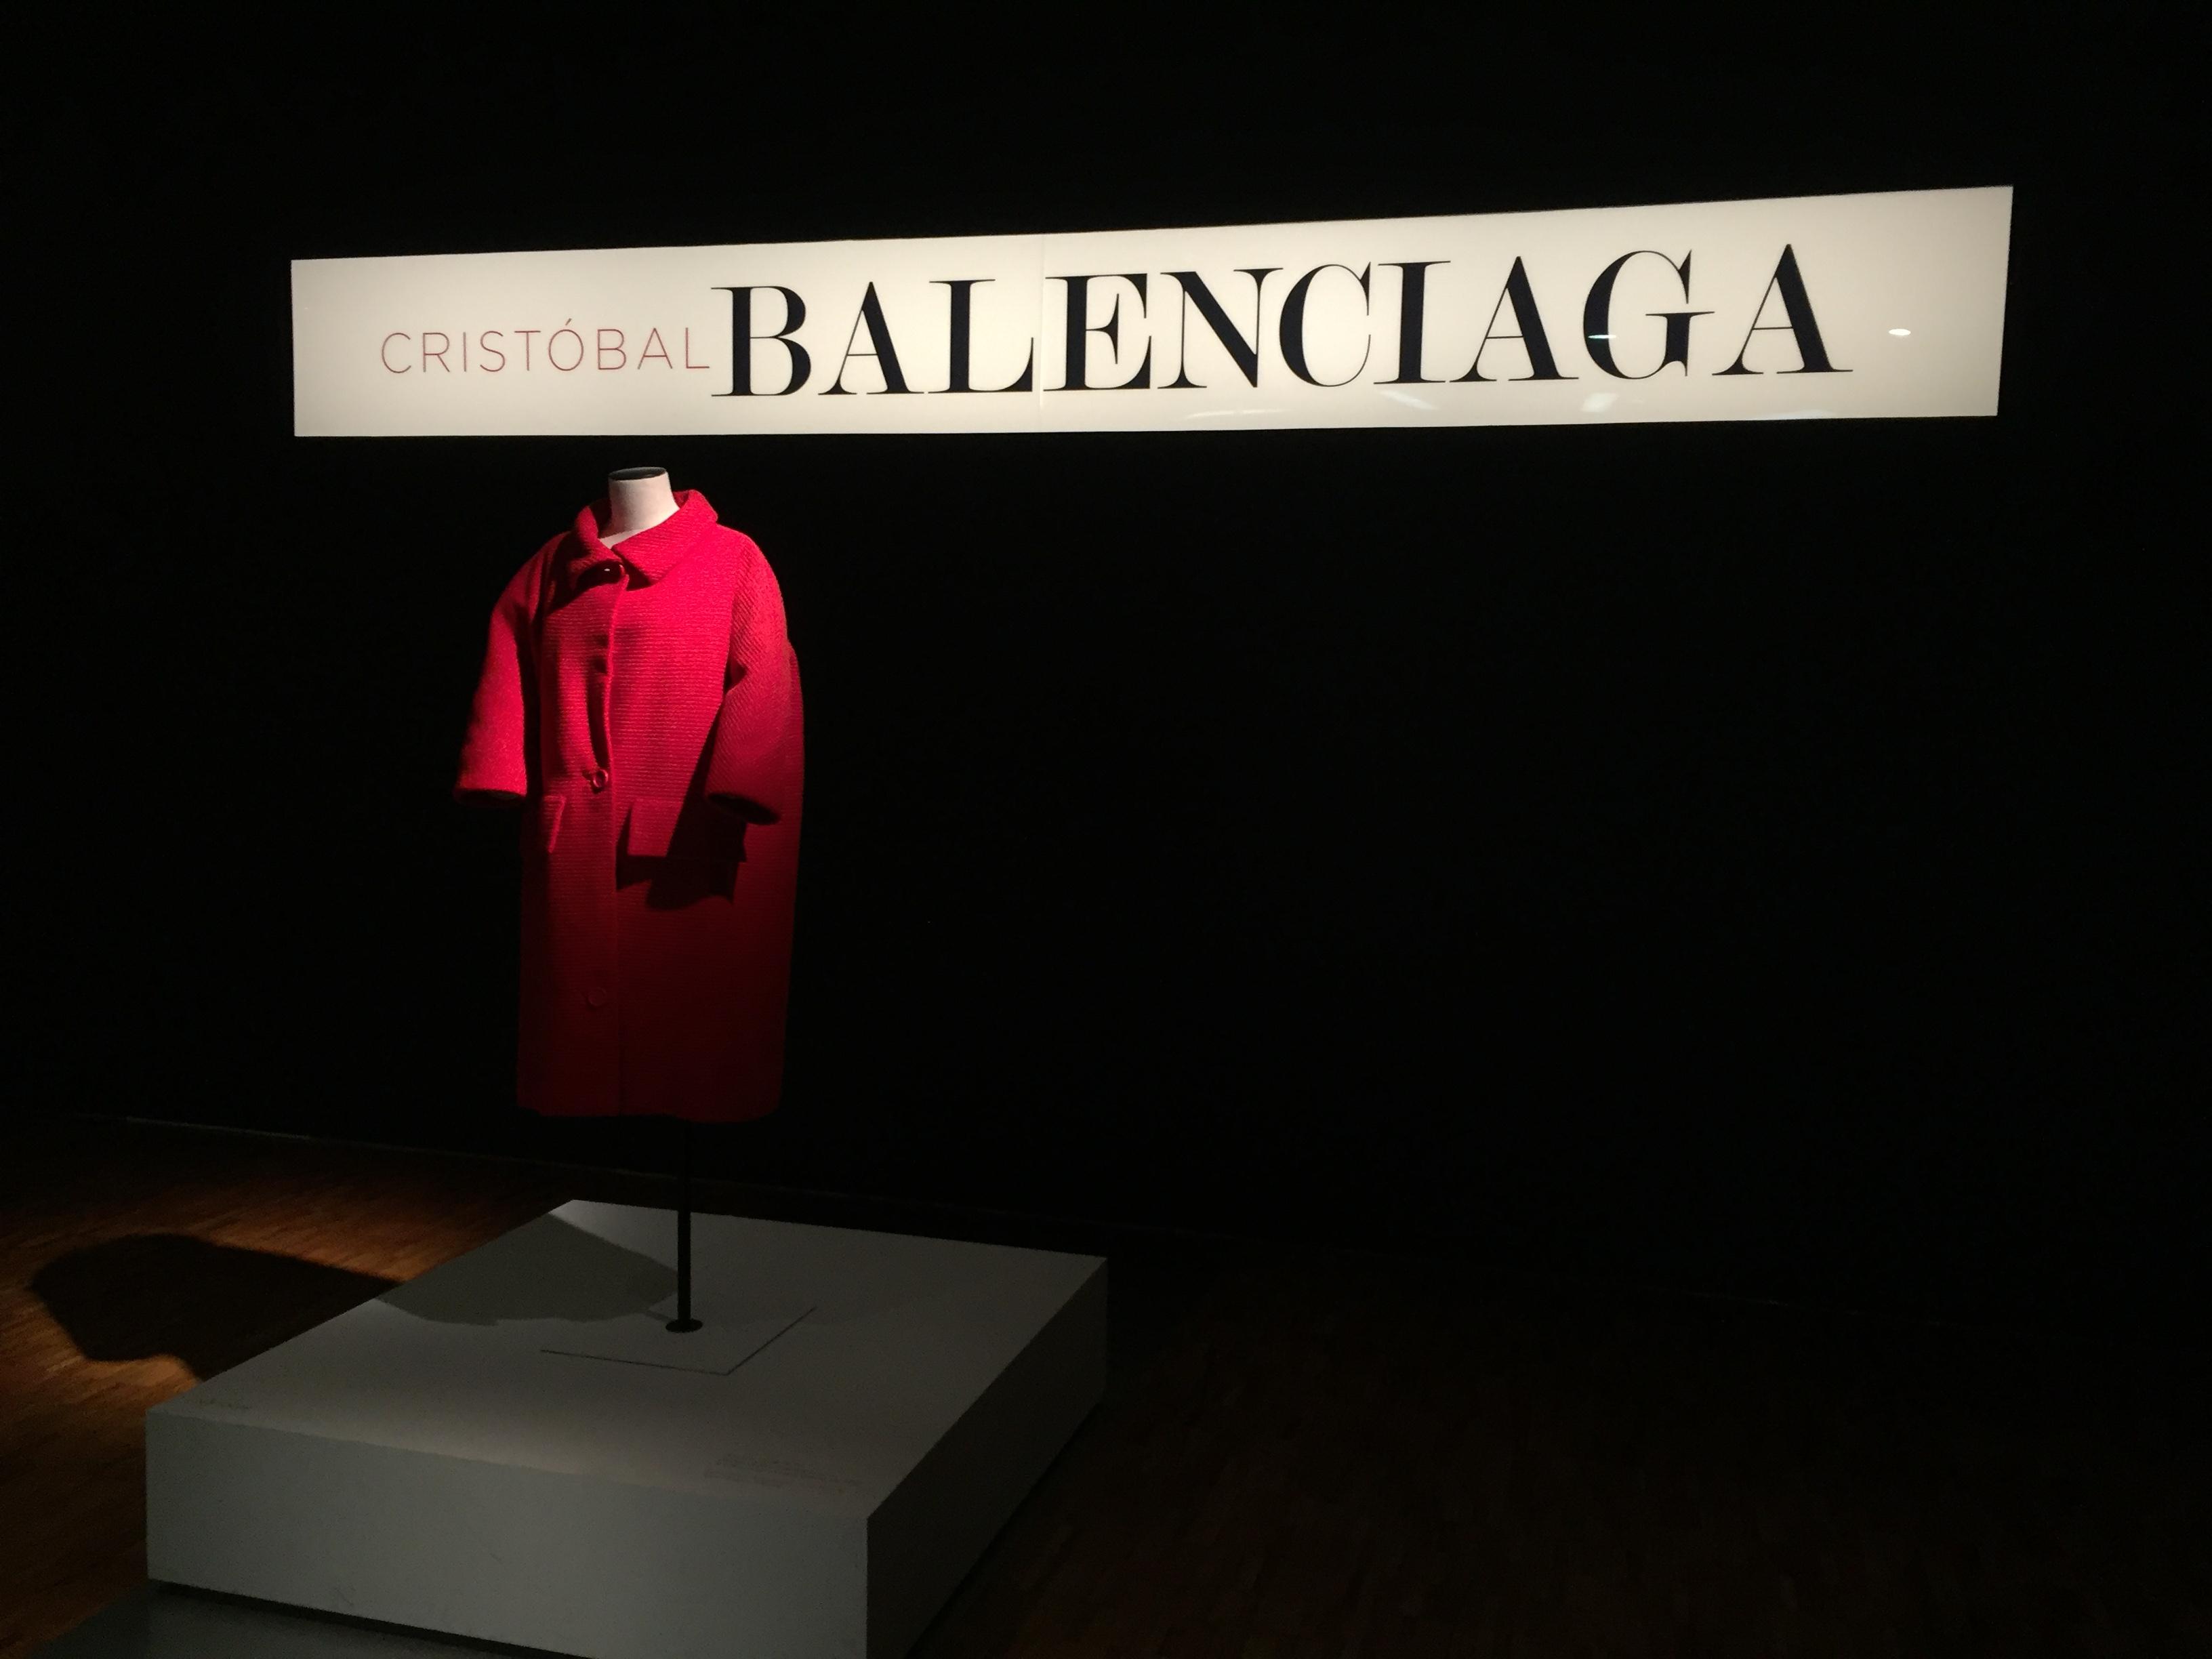 Balenciaga in Mexico